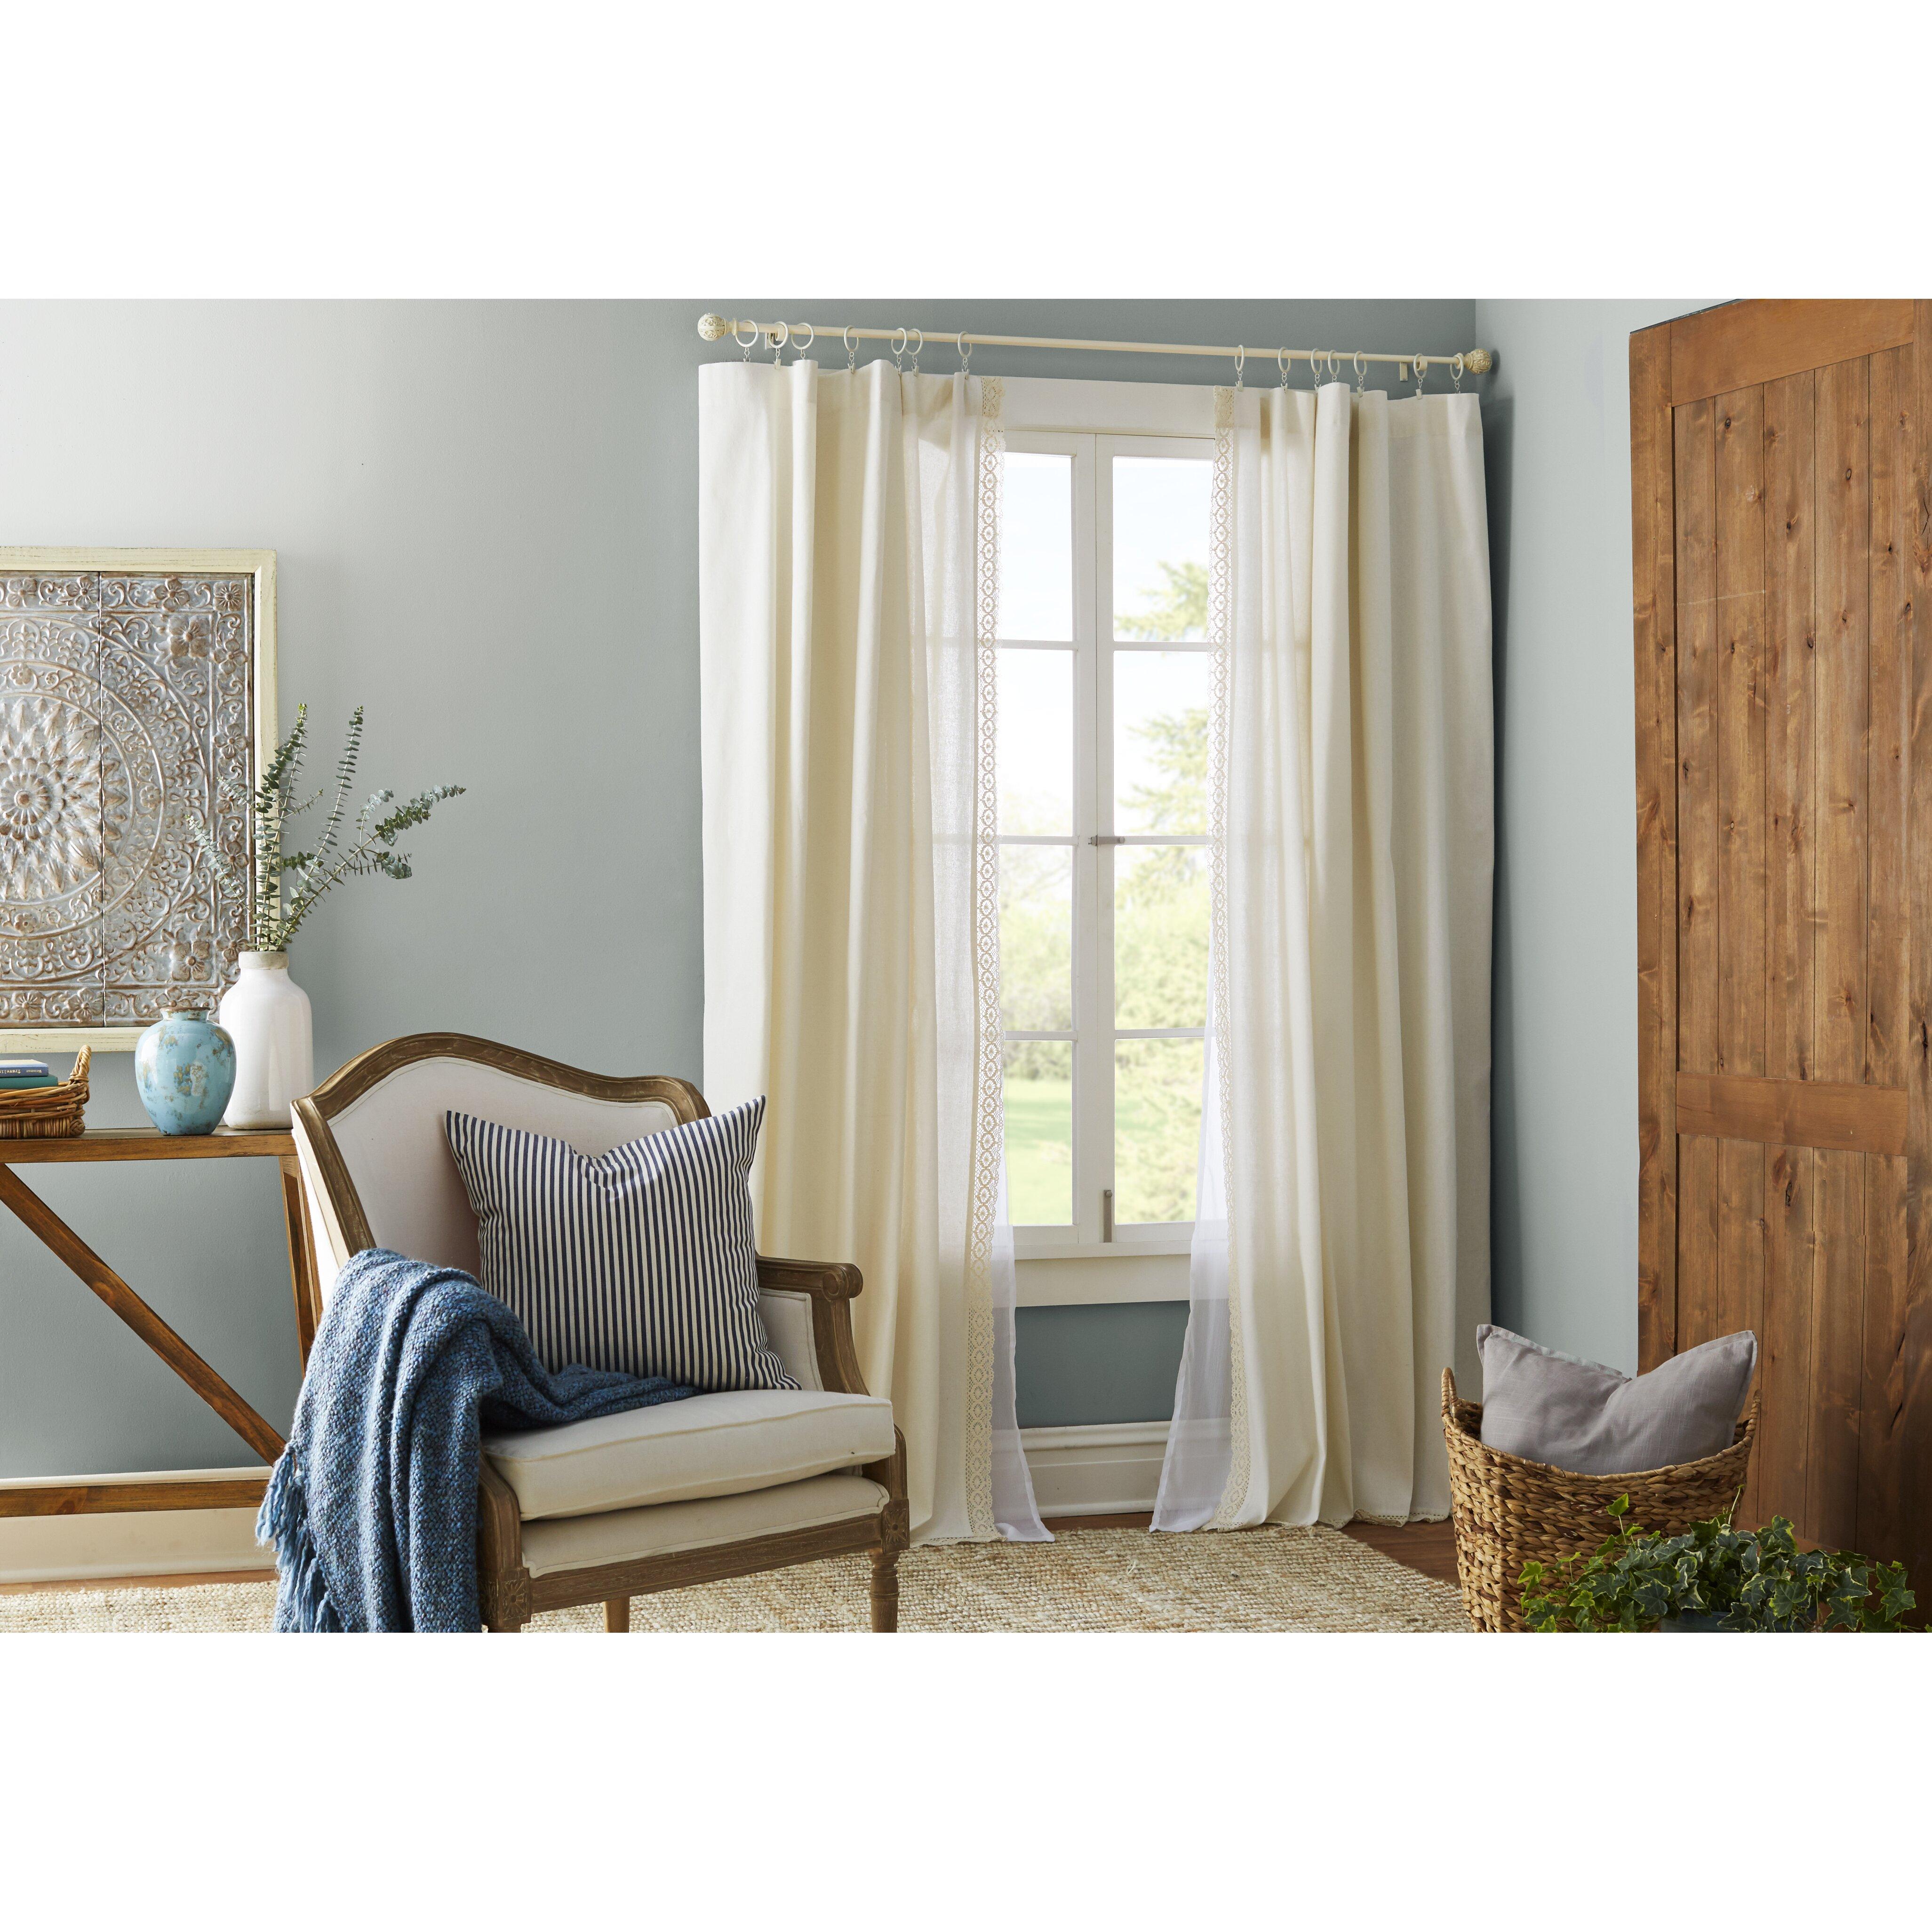 Modern Curtain Panels For Living Room 17 Best Ideas About Modern Curtains On Pinterest Modern Blinds